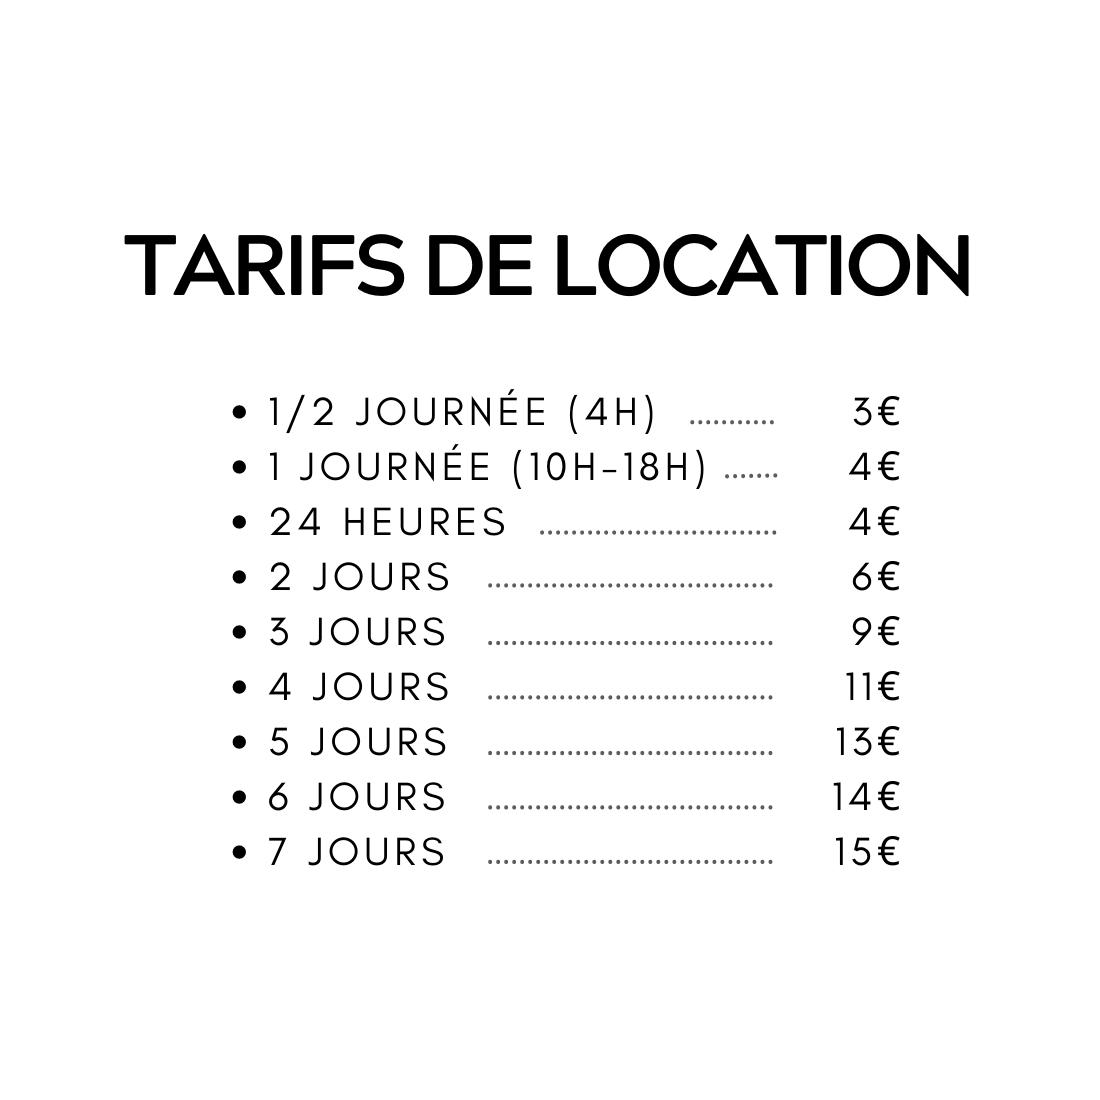 tarif location accessoires